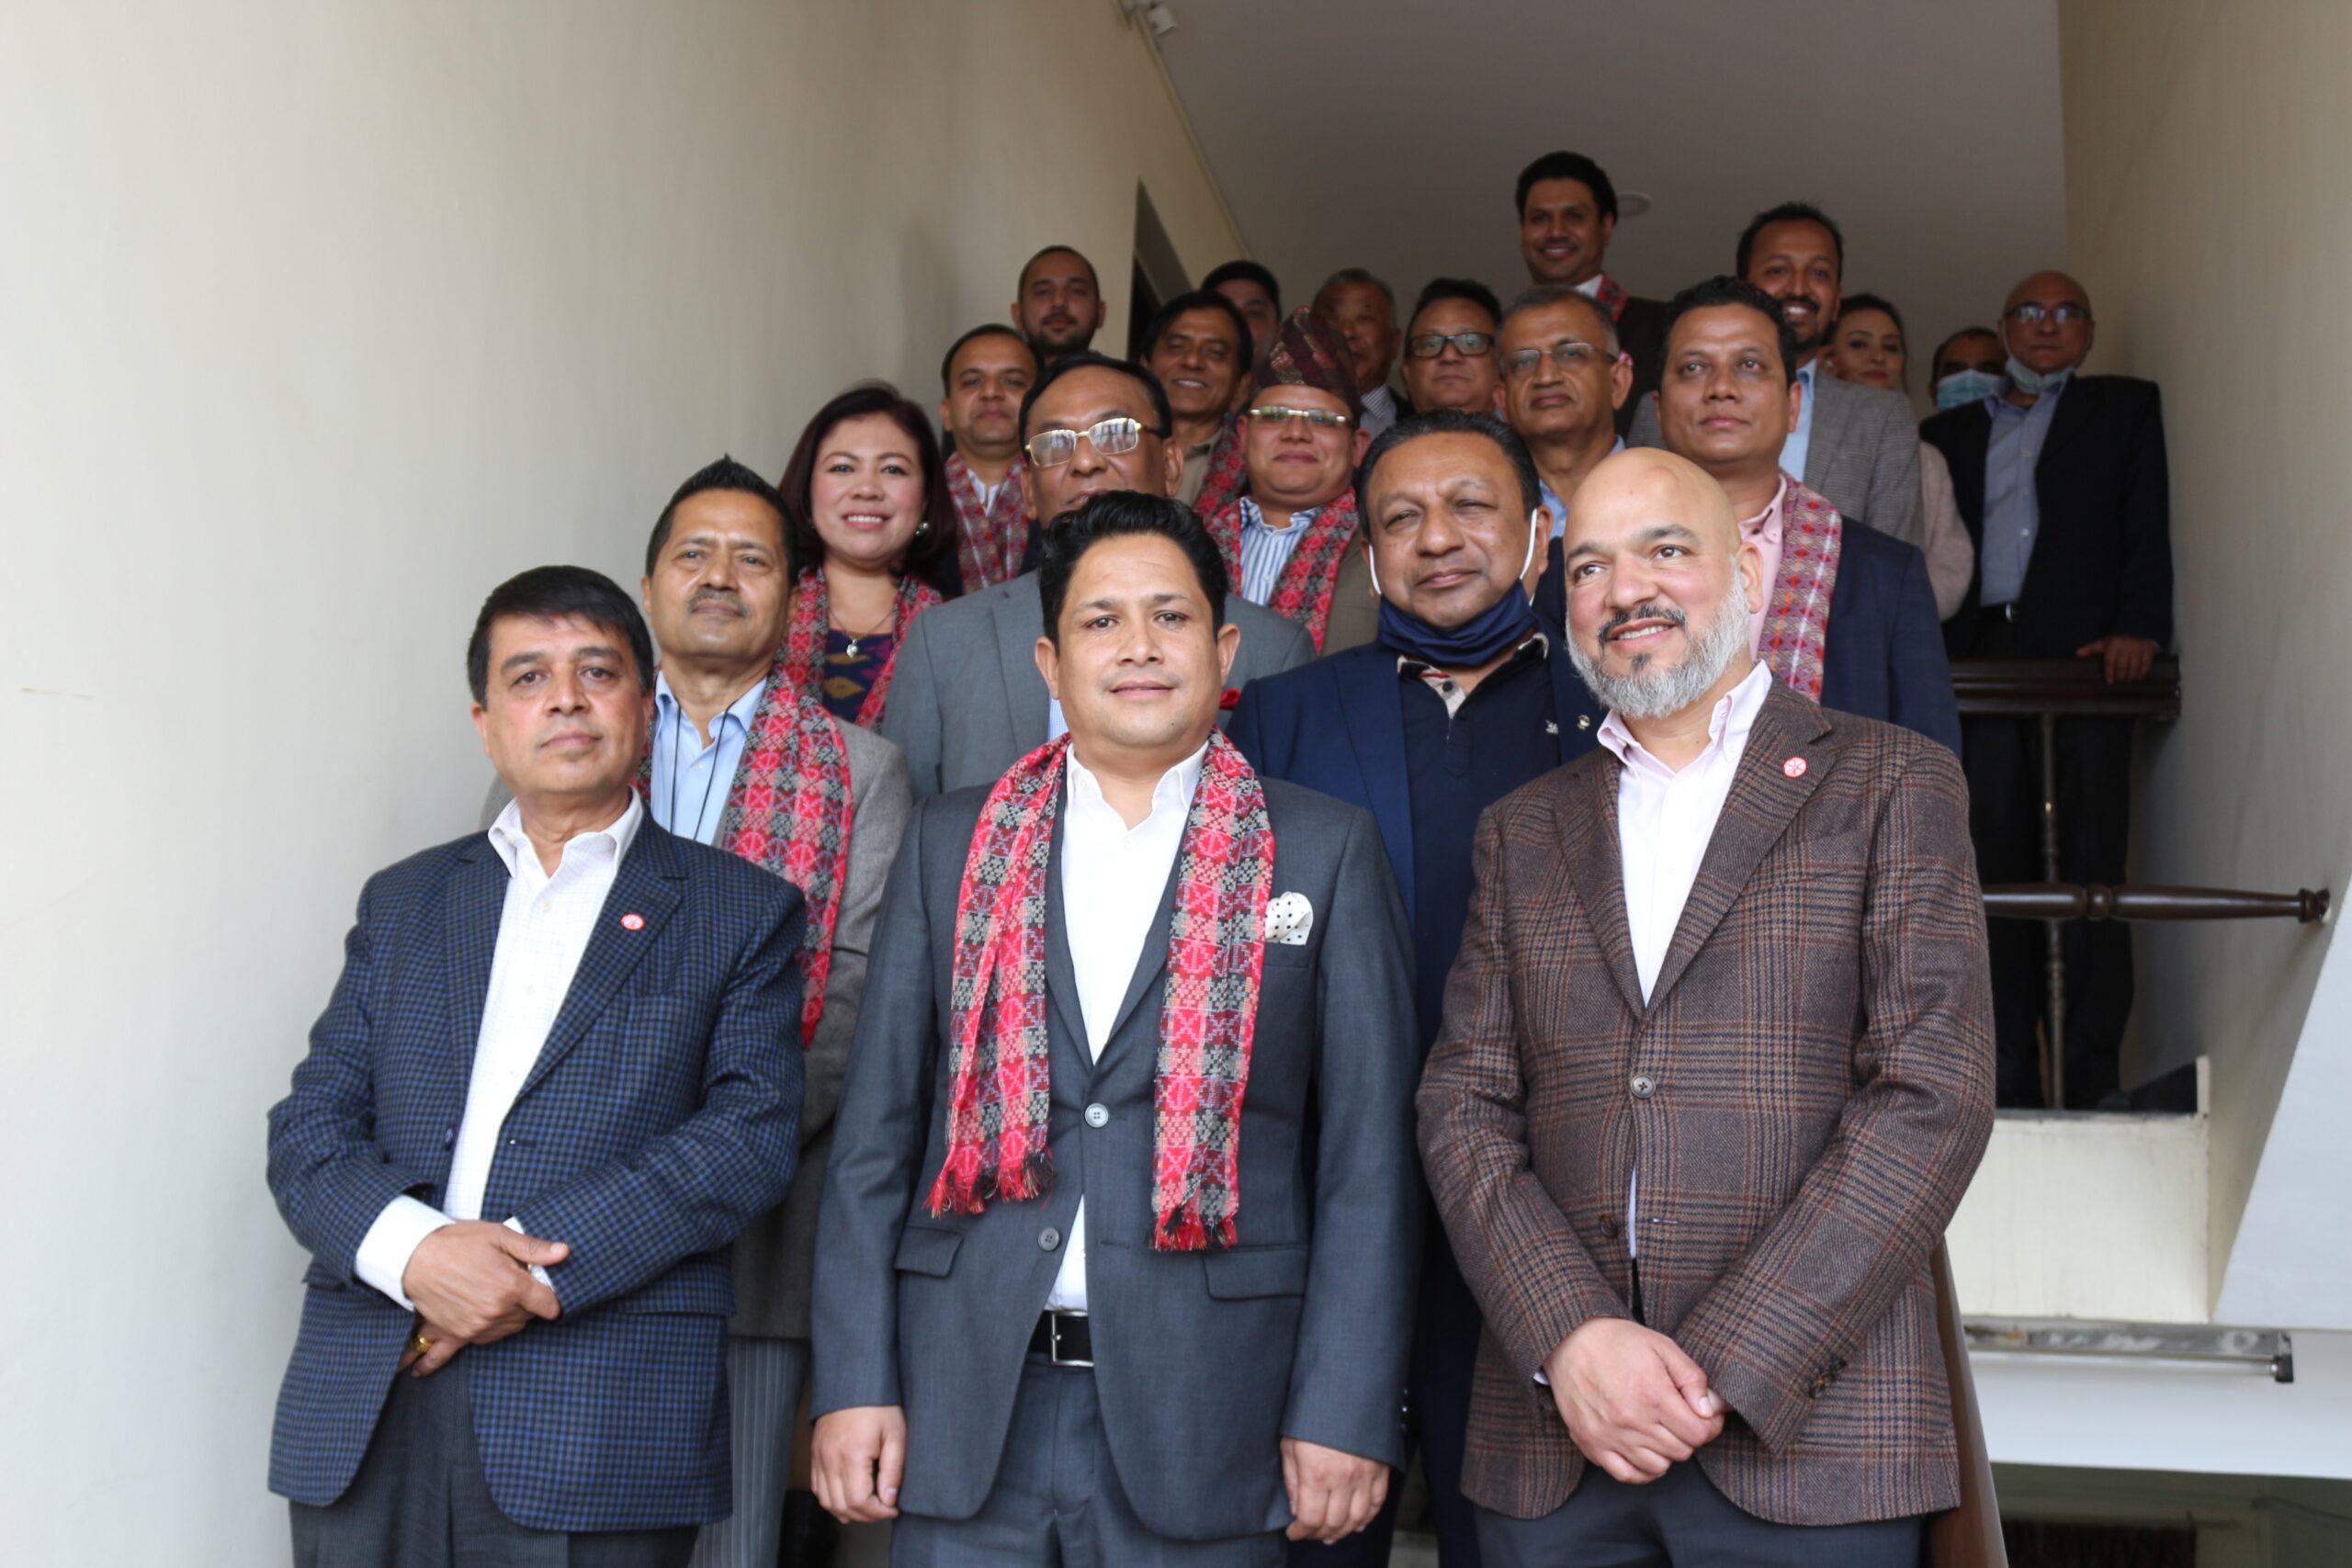 नेपाल उद्योग वाणिज्य महासंघद्दारा गैरआवासीय नेपाली समन्वय फोरम विस्तार